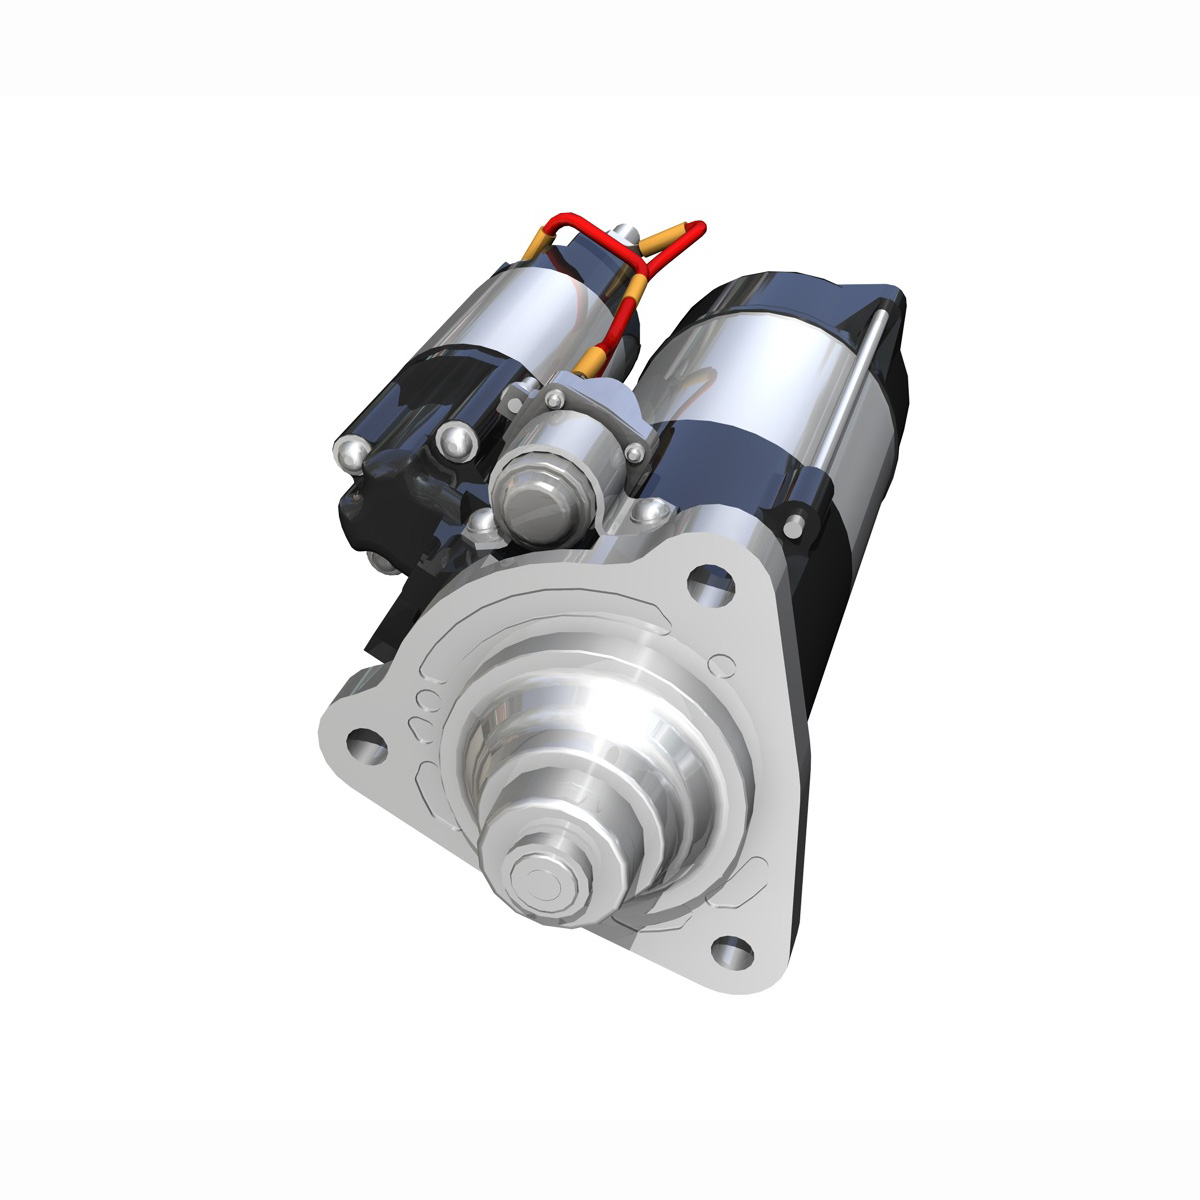 starter motor 3d model 3ds fbx c4d lwo obj 190121